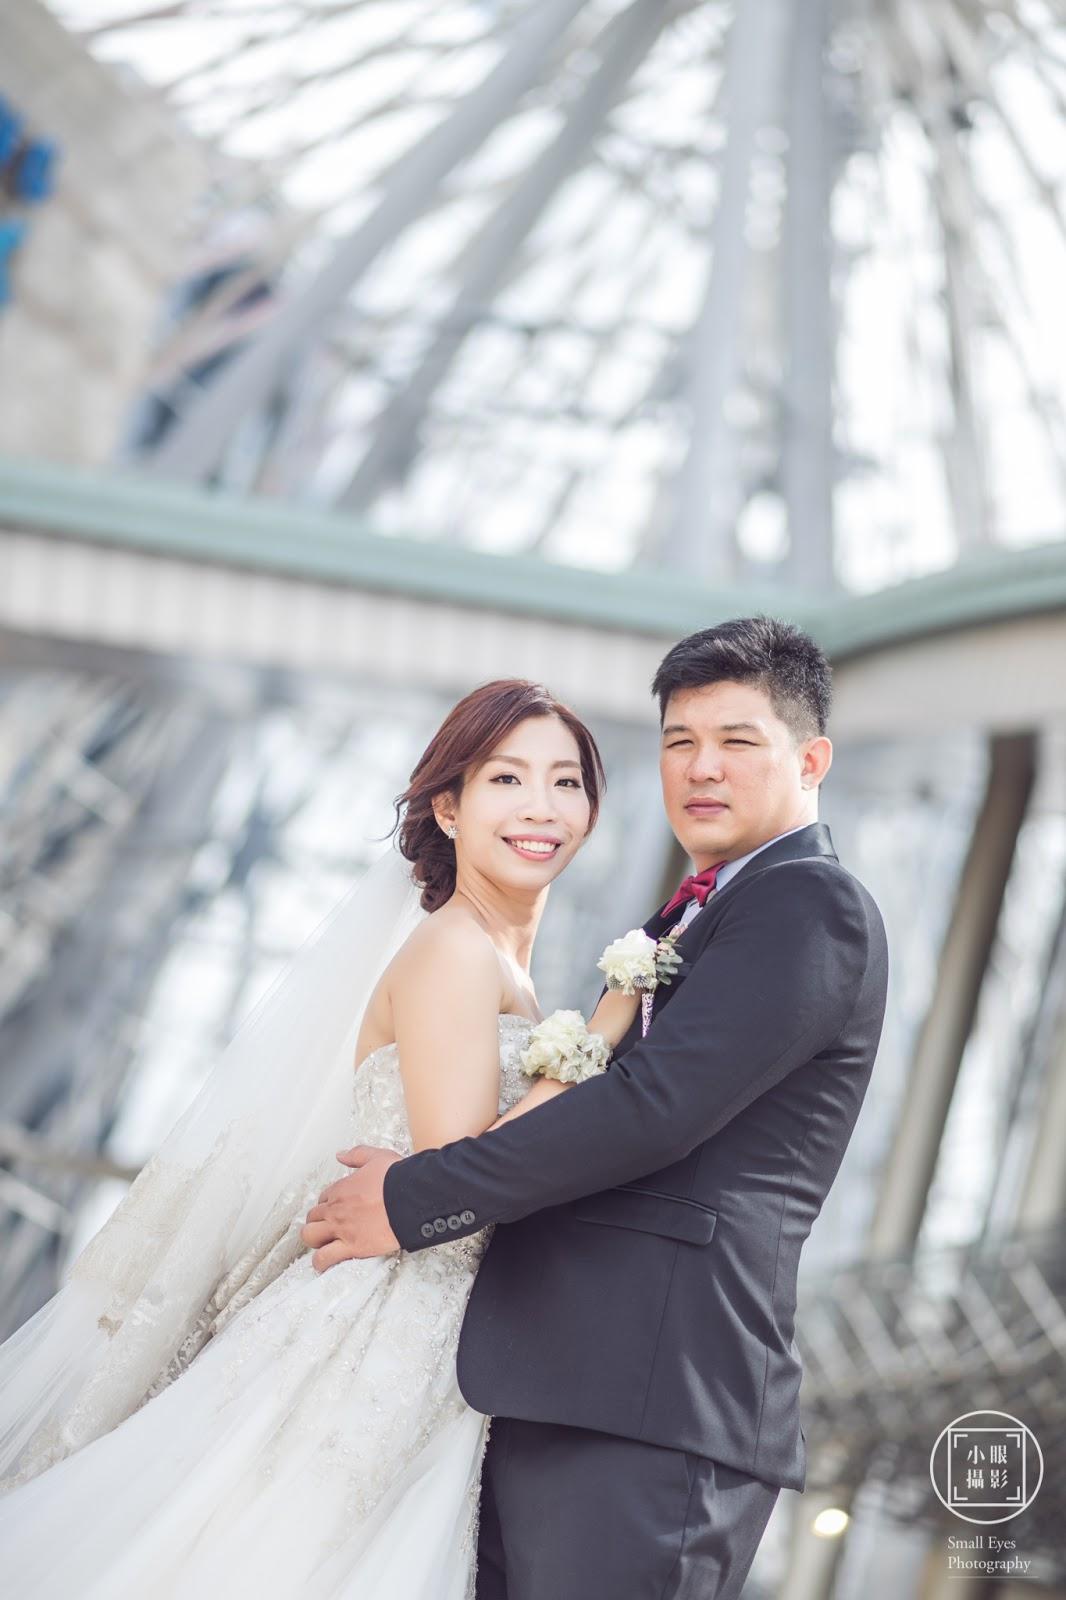 婚攝,小眼攝影,婚禮紀實,婚禮紀錄,婚紗,國內婚紗,海外婚紗,寫真,婚攝小眼,華漾,美麗華